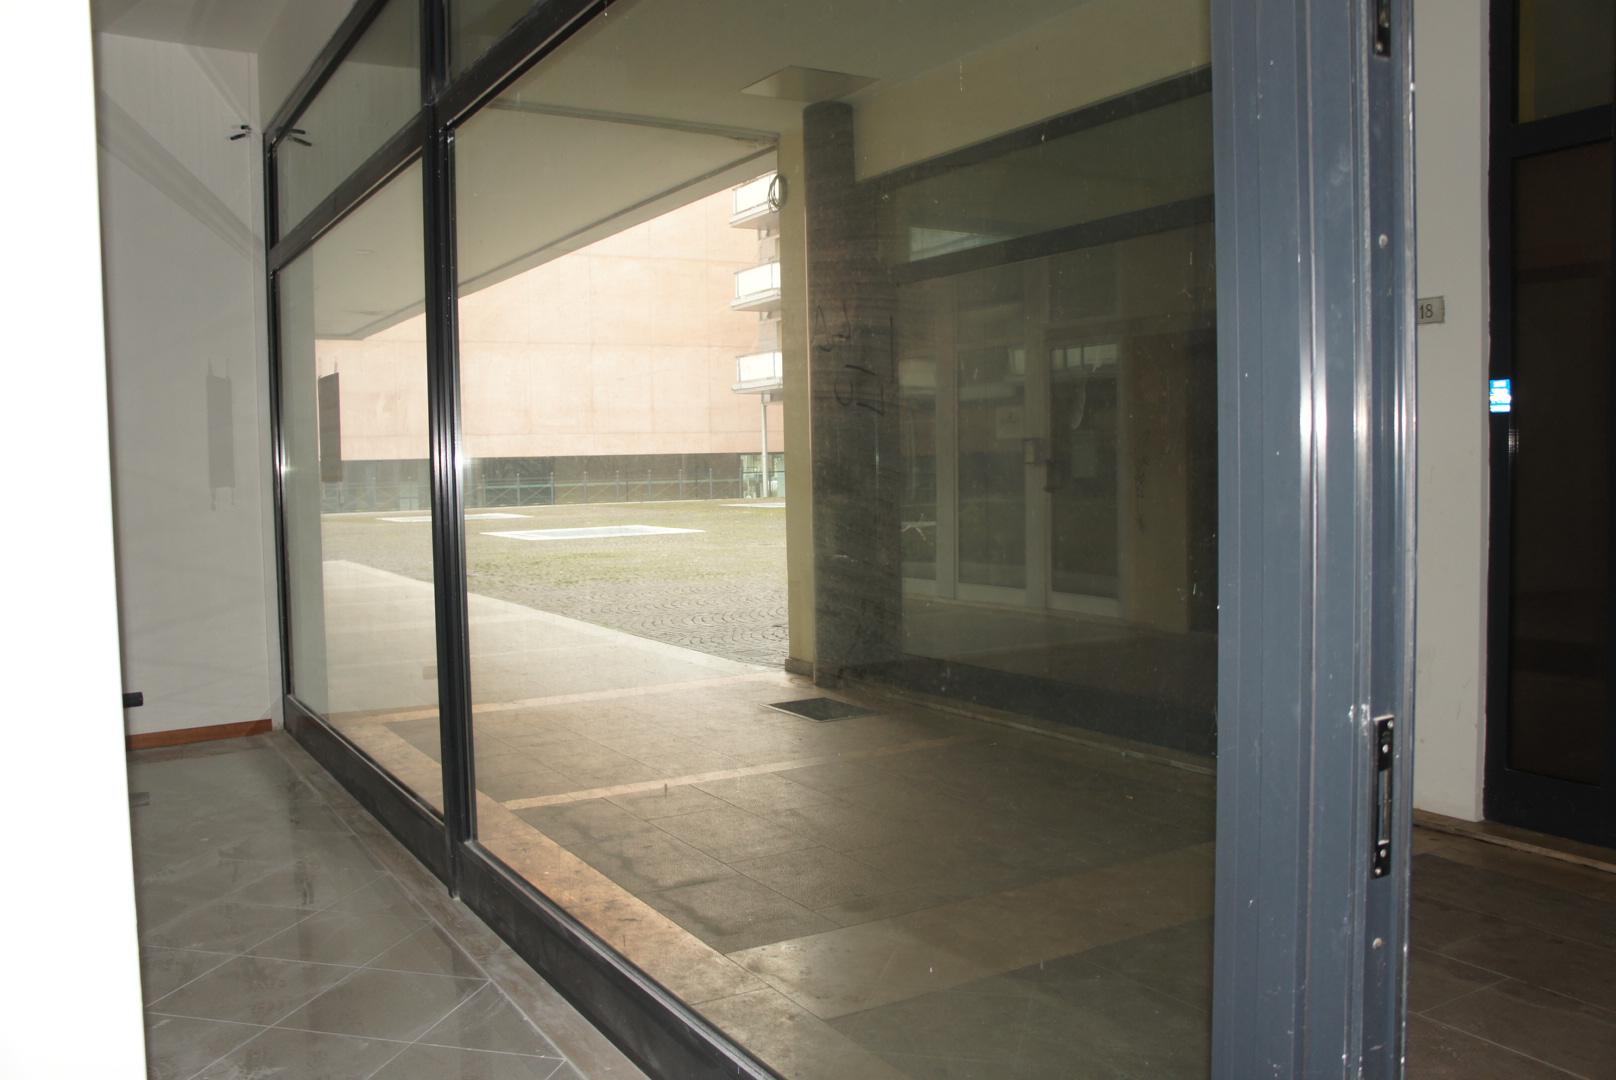 Attività / Licenza in affitto a San Donà di Piave, 9999 locali, zona Località: Centro, prezzo € 750 | Cambio Casa.it